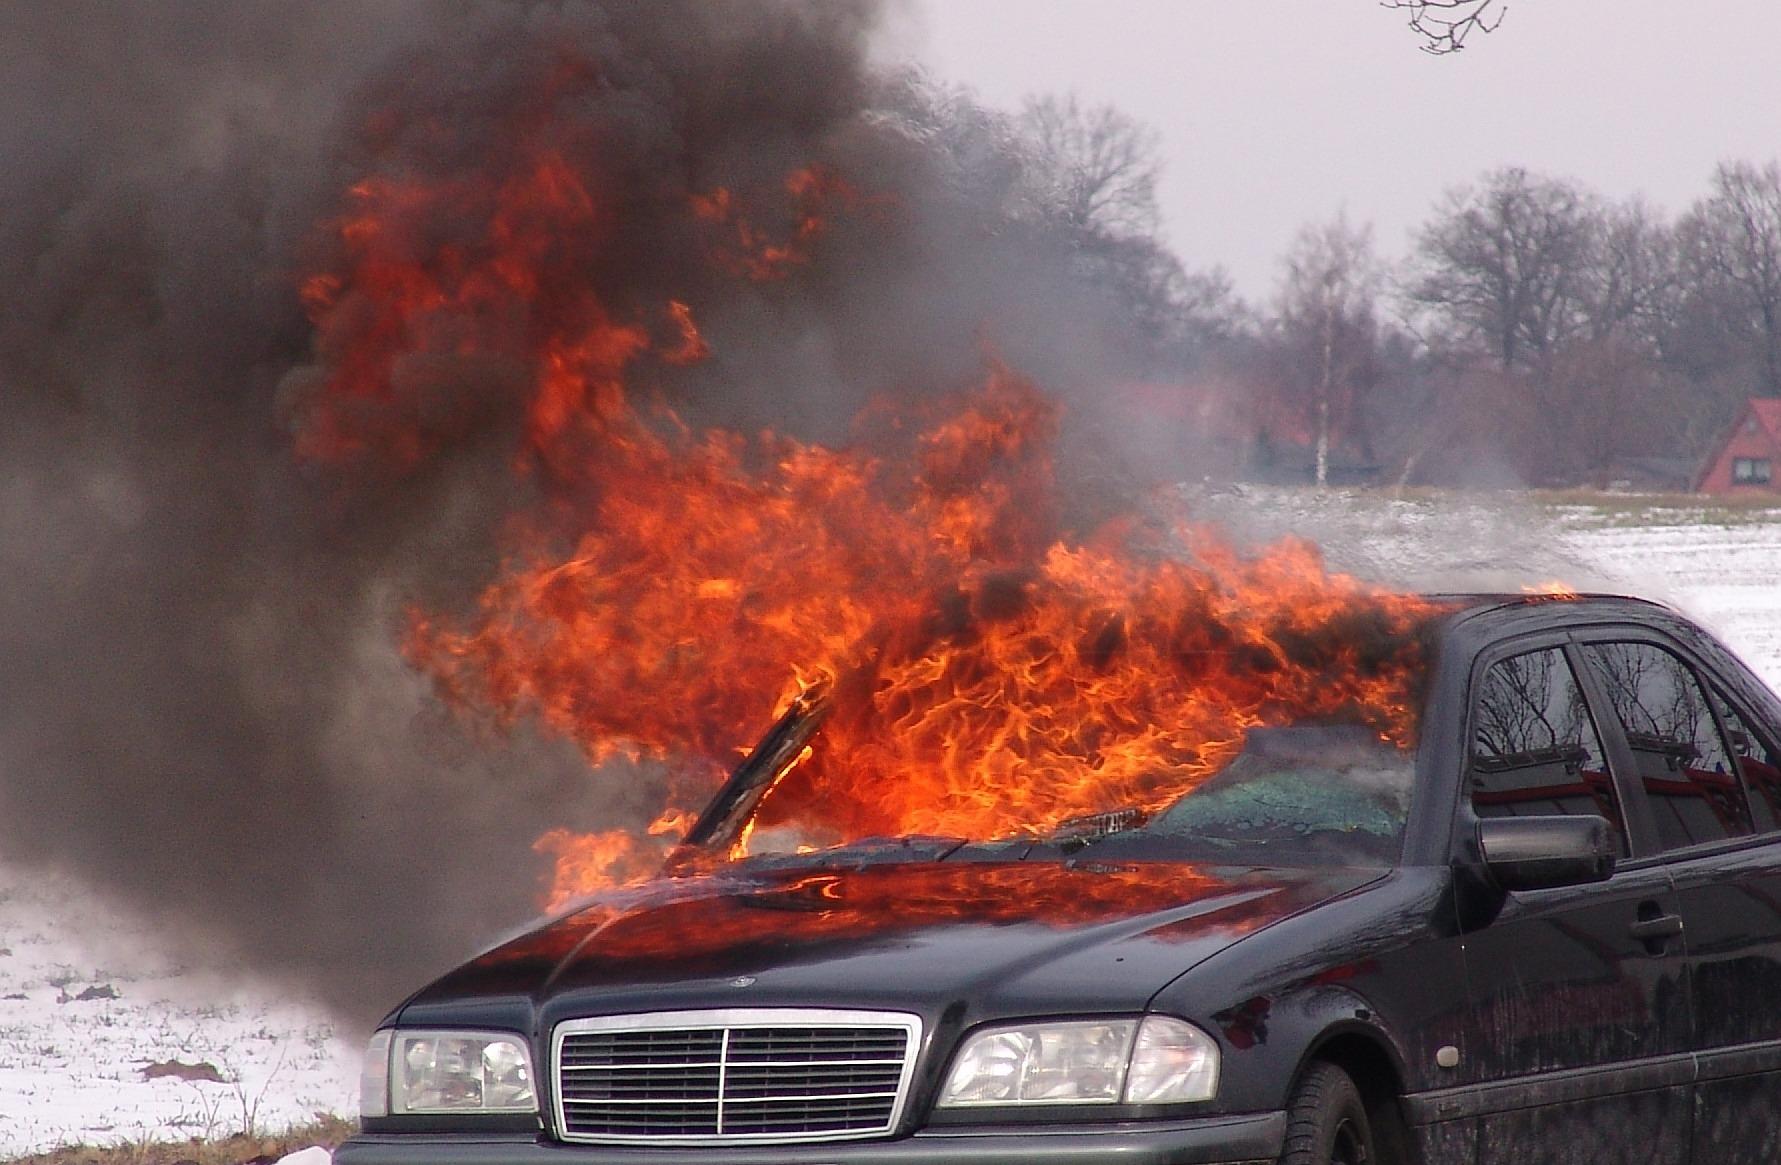 Antincendio: in arrivo una nuova Regola Tecnica Verticale per asili nido e autorimesse